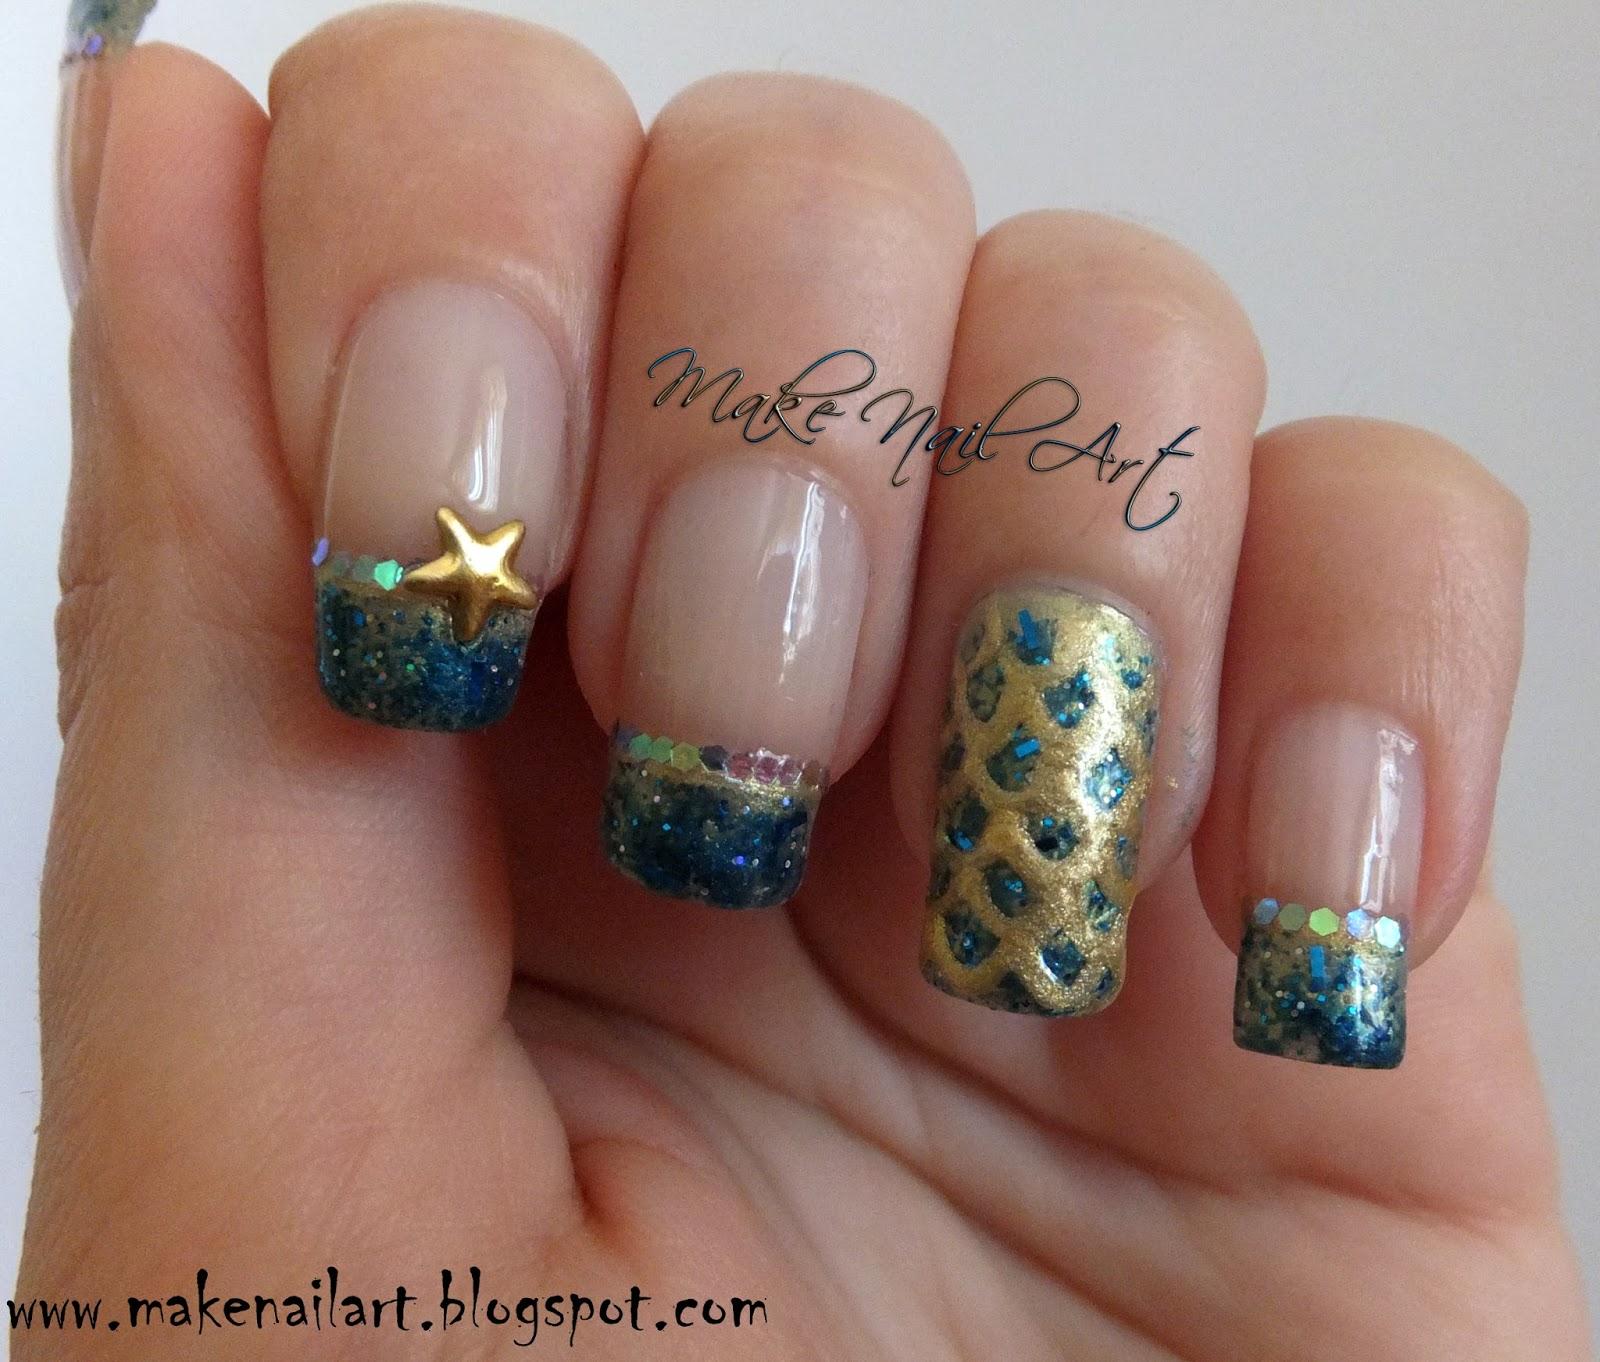 Make Nail Art: Mermaid Inspired Nail Art Tutorial